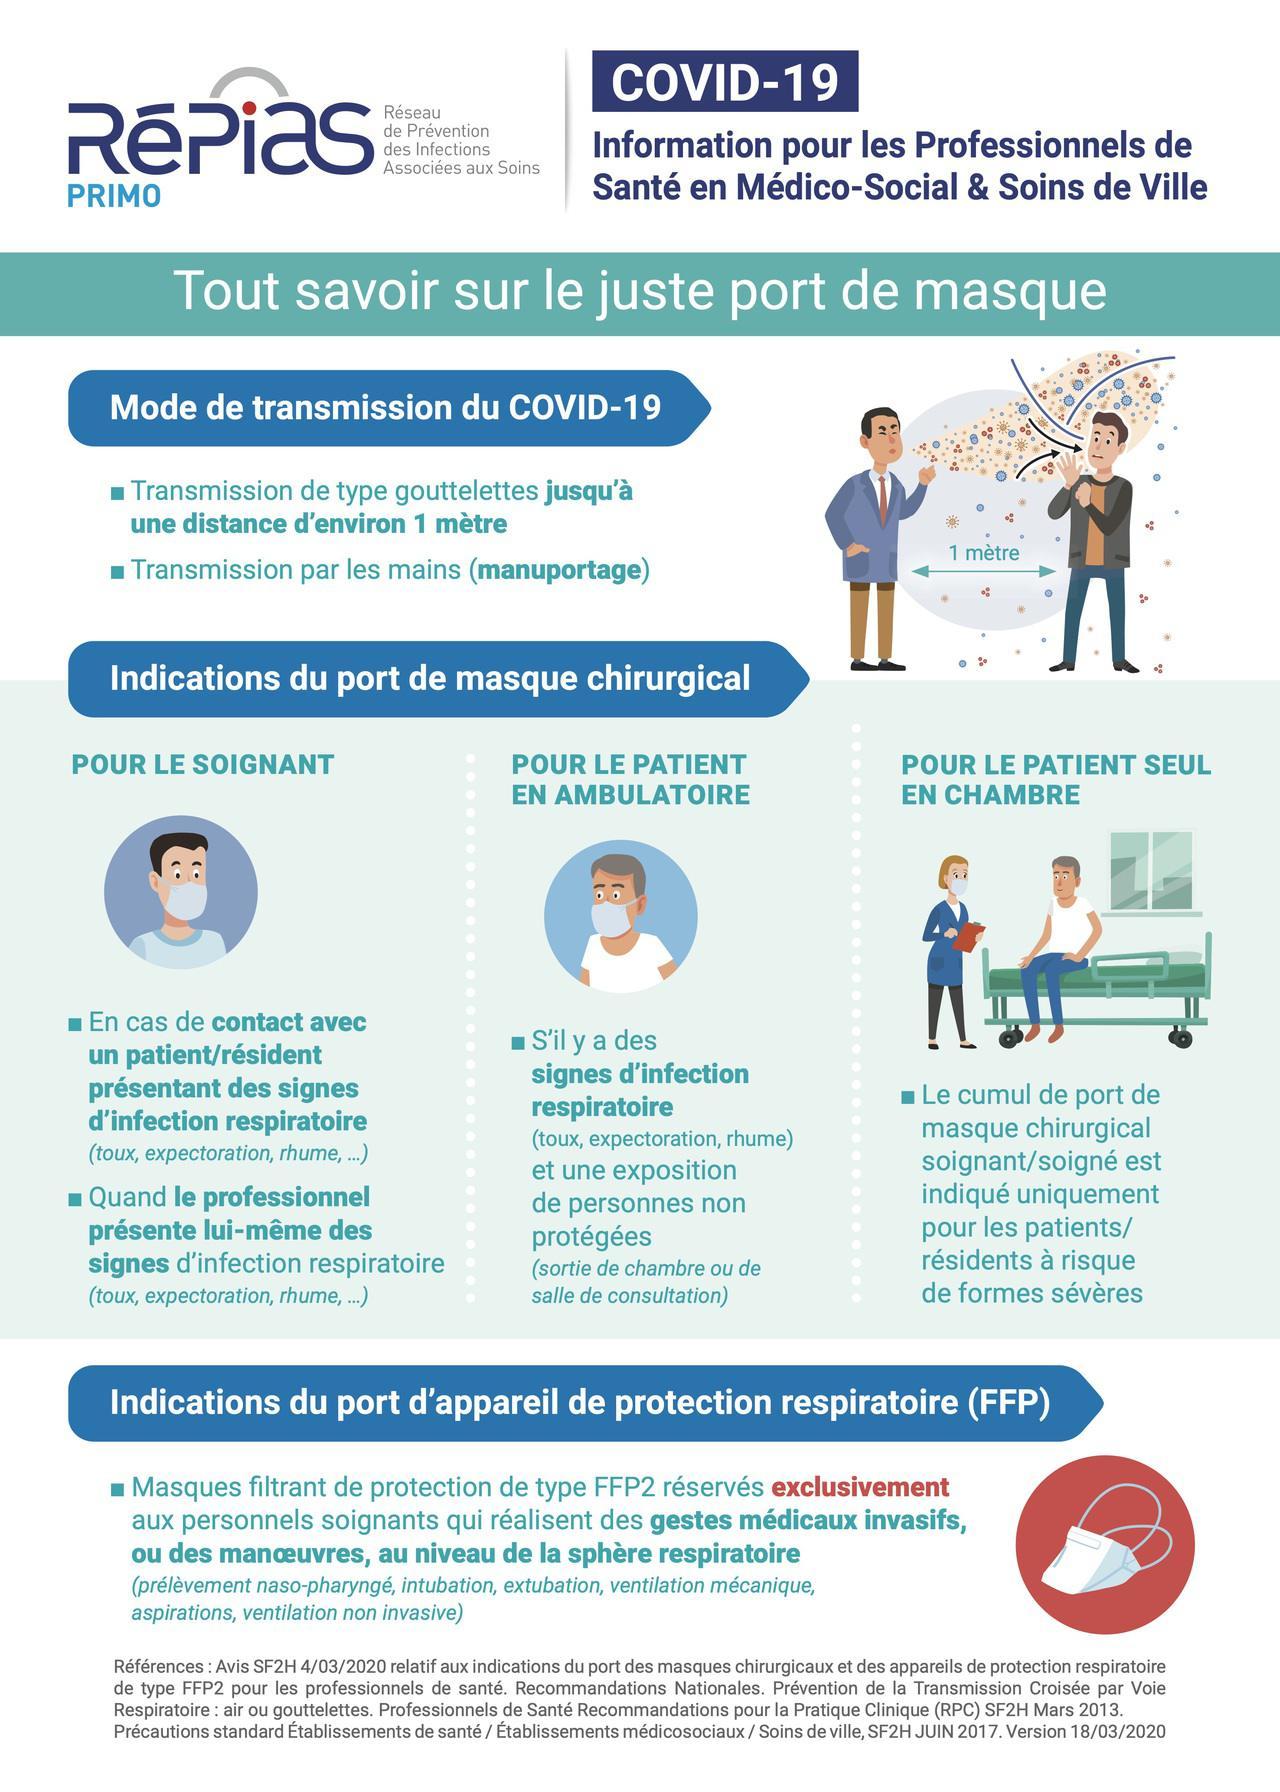 Information professionnel santé en medicosocial Page 1